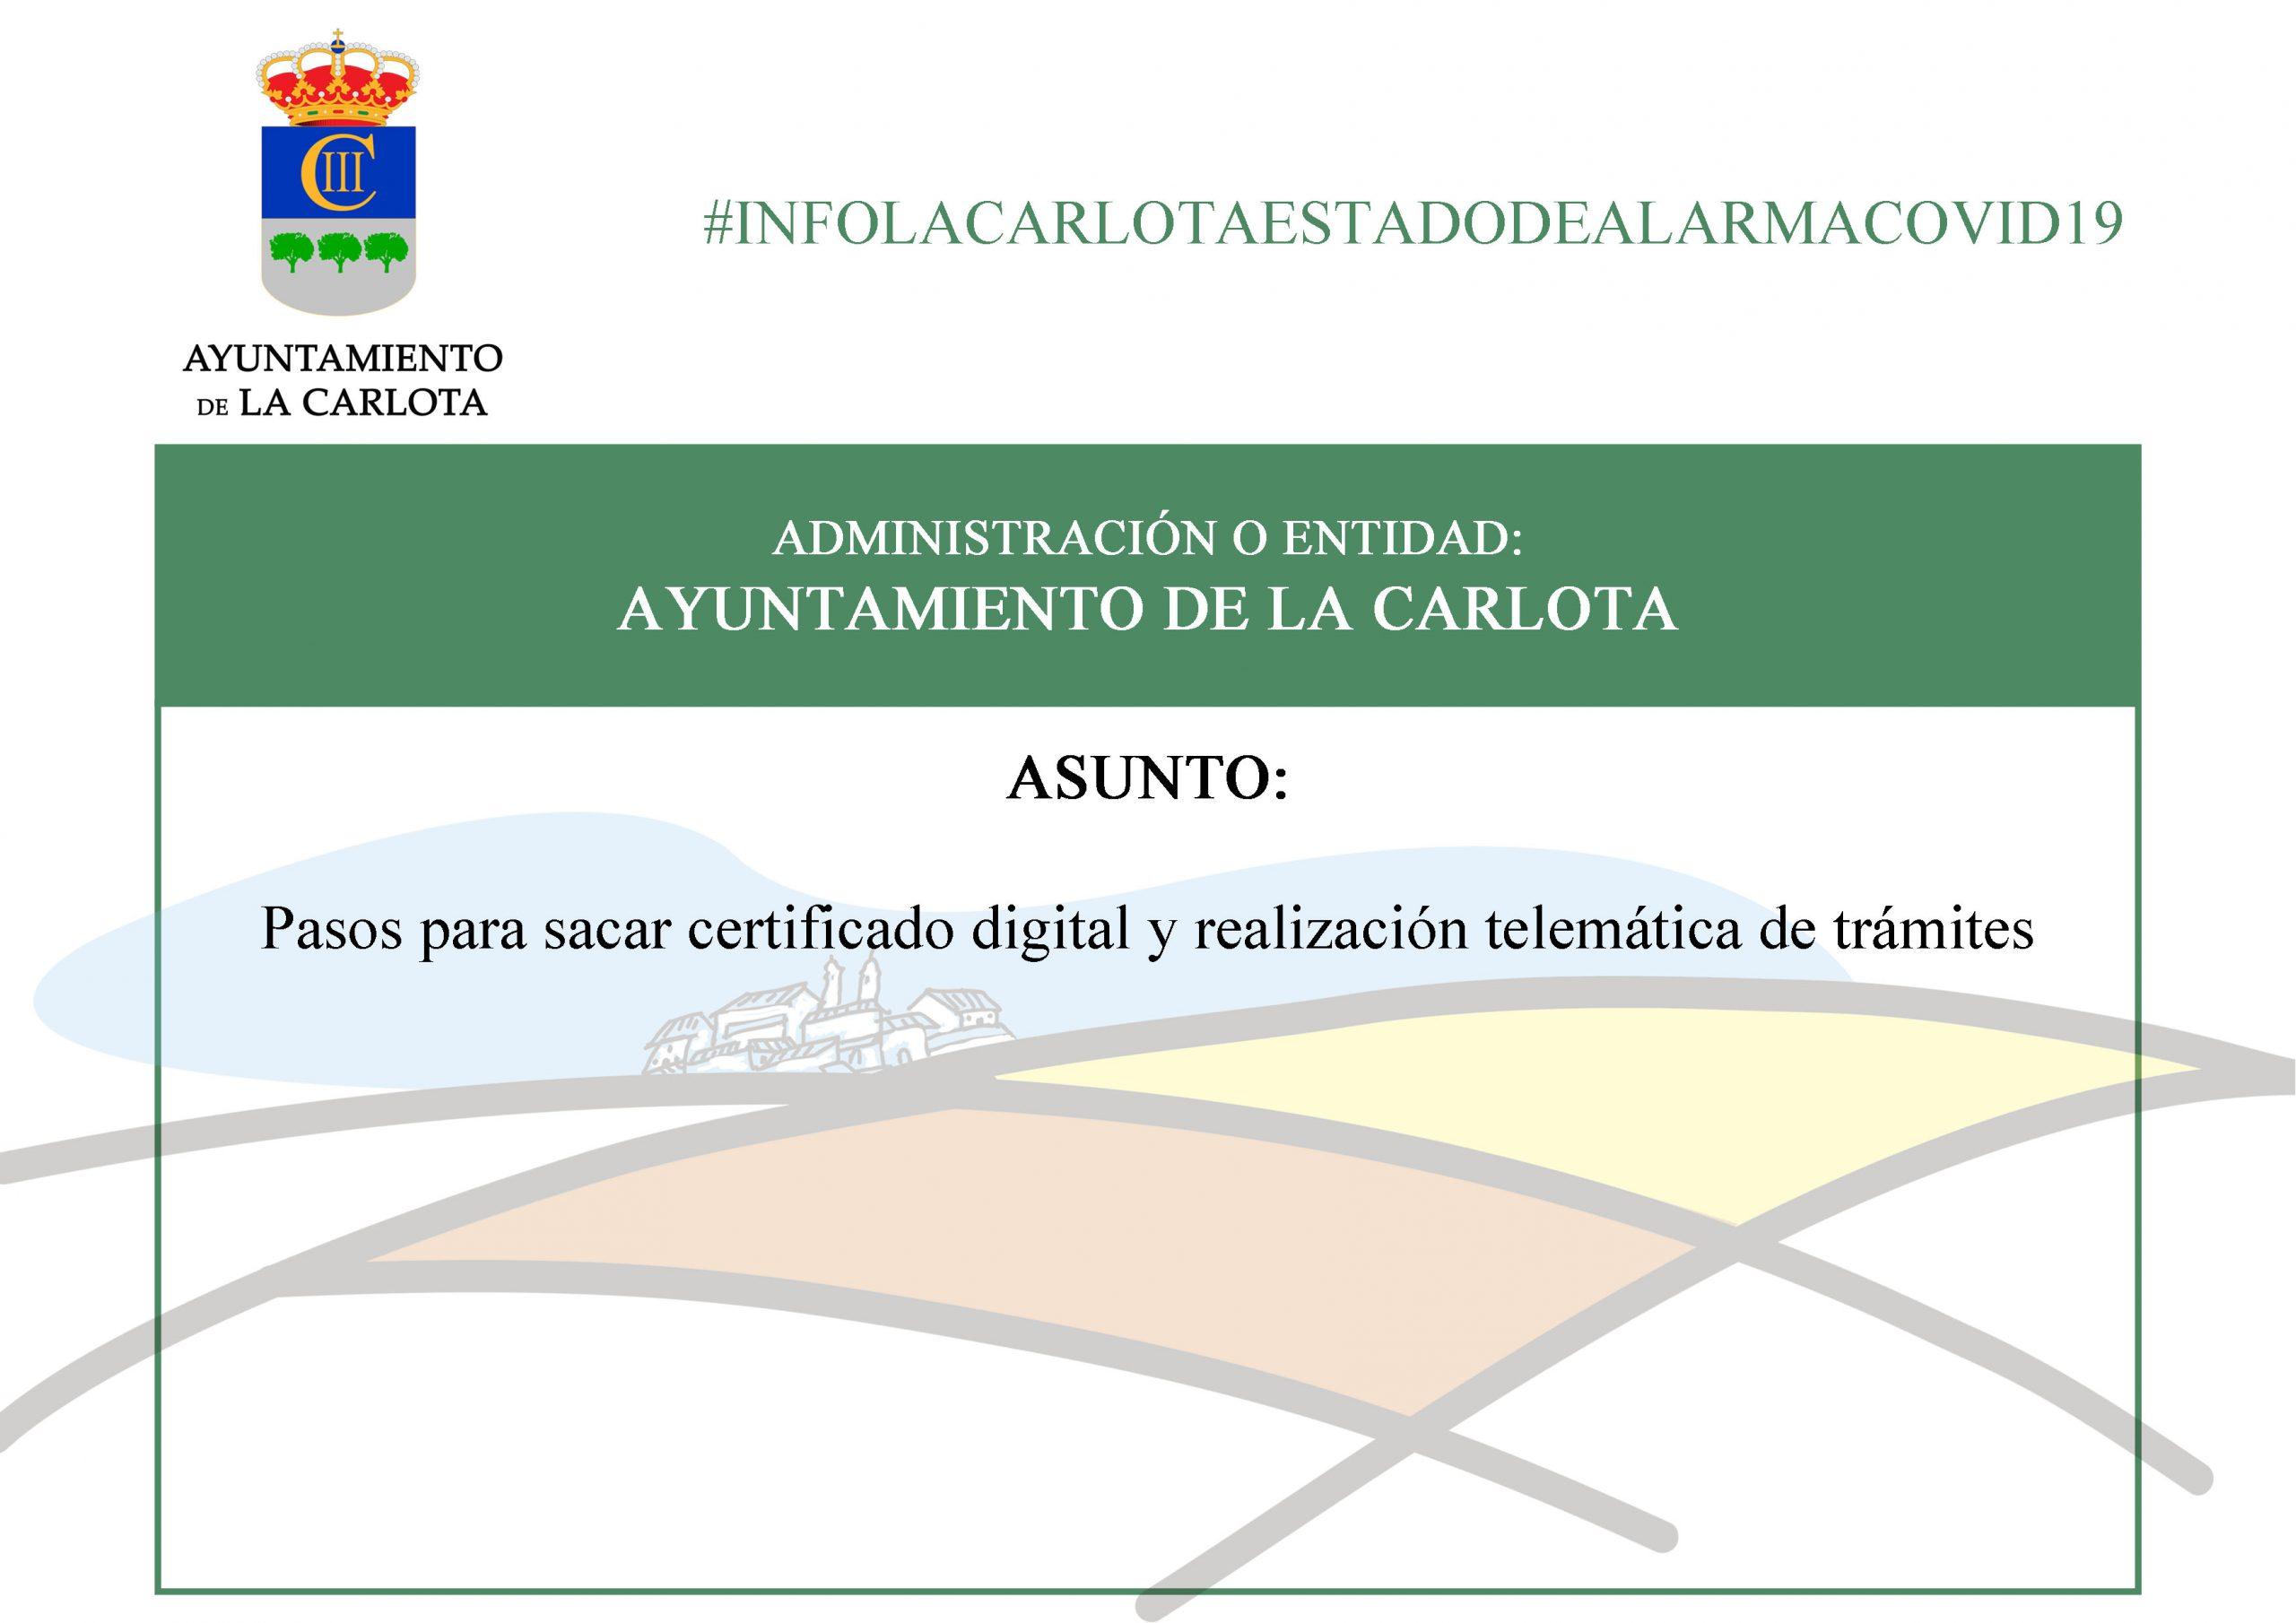 #INFOLACARLOTAESTADODEALARMACOVID19 PASOS PARA SACAR CERTIFICADO DIGITAL Y REALIZACIÓN TELEMÁTICA DE TRÁMITES 1